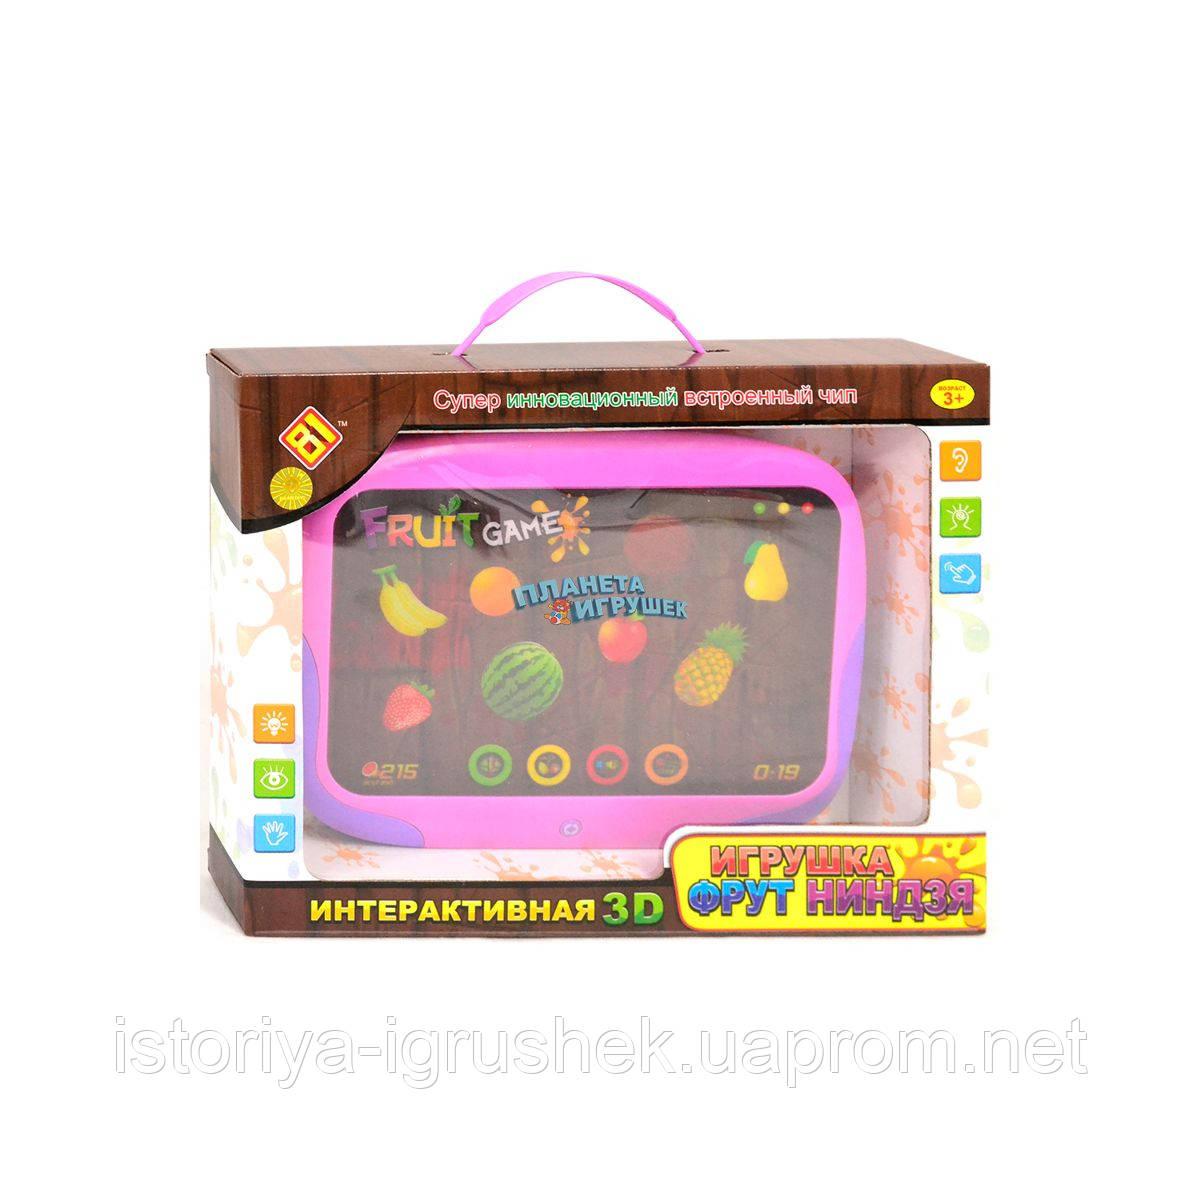 Планшет детский DB 6883 A1 Фрут-ниндзя, сенсорный, рус.озвучивание,све